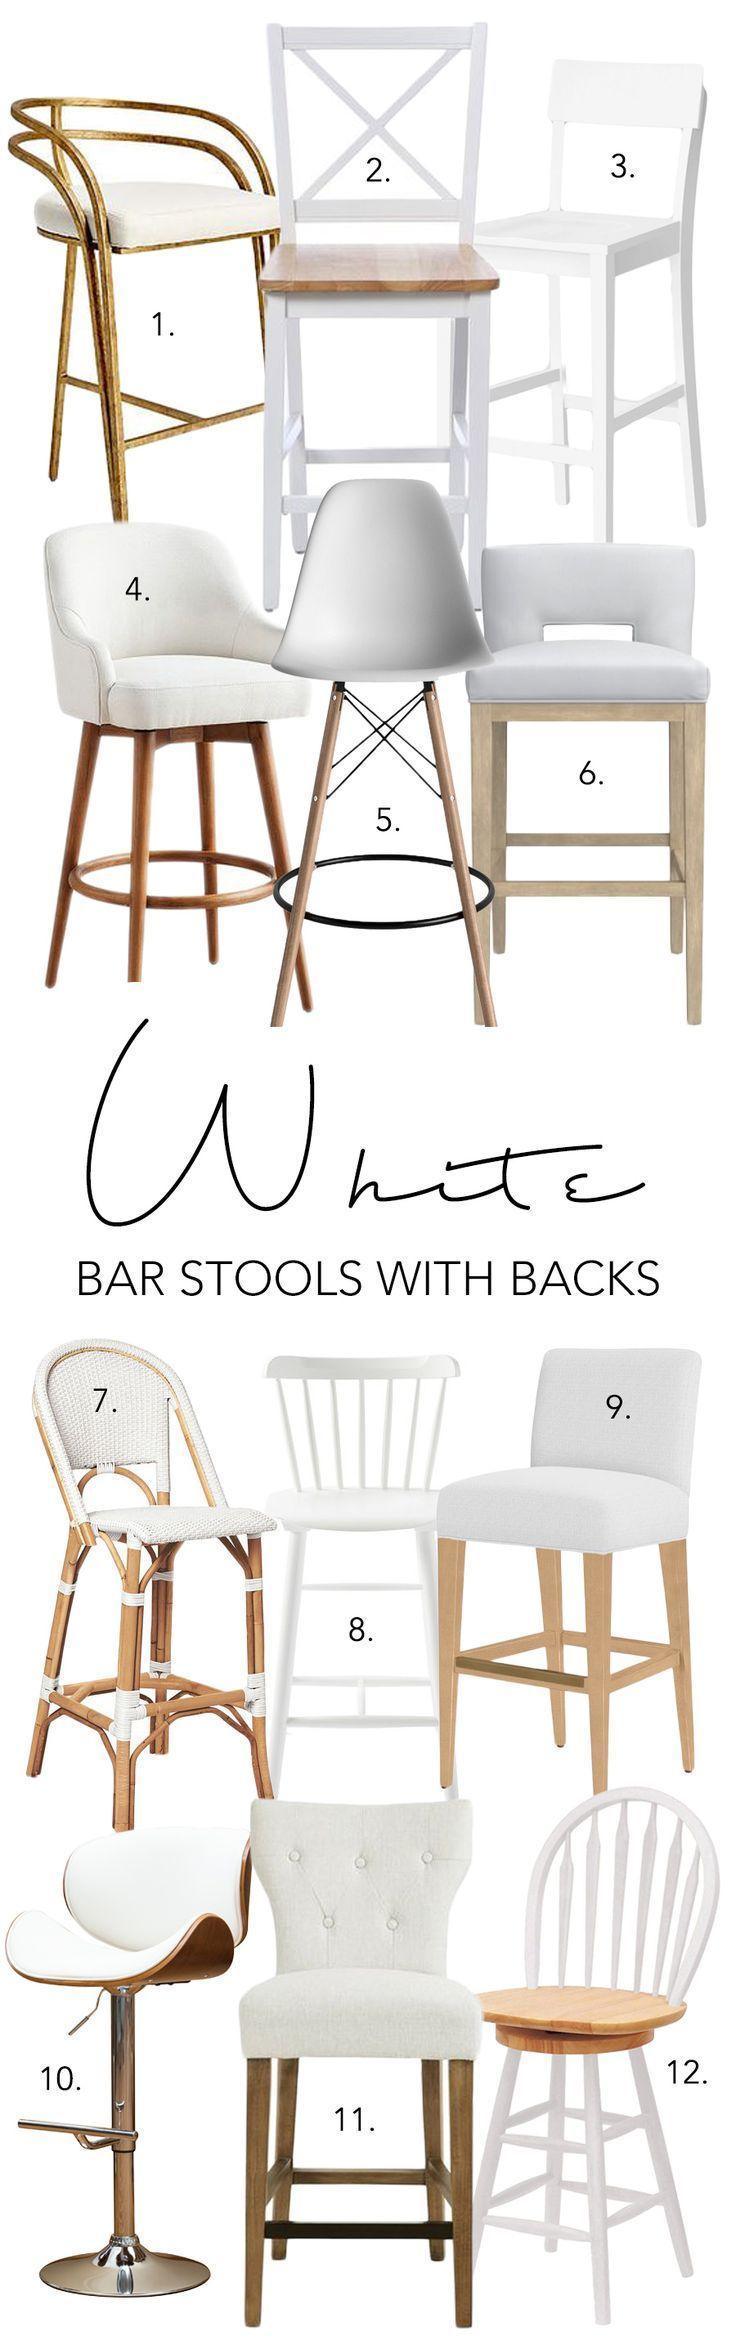 White Bar Stools With Backs 12 Stylish Options White Kitchen Bar Stools White Bar Stools Bar Stools With Backs